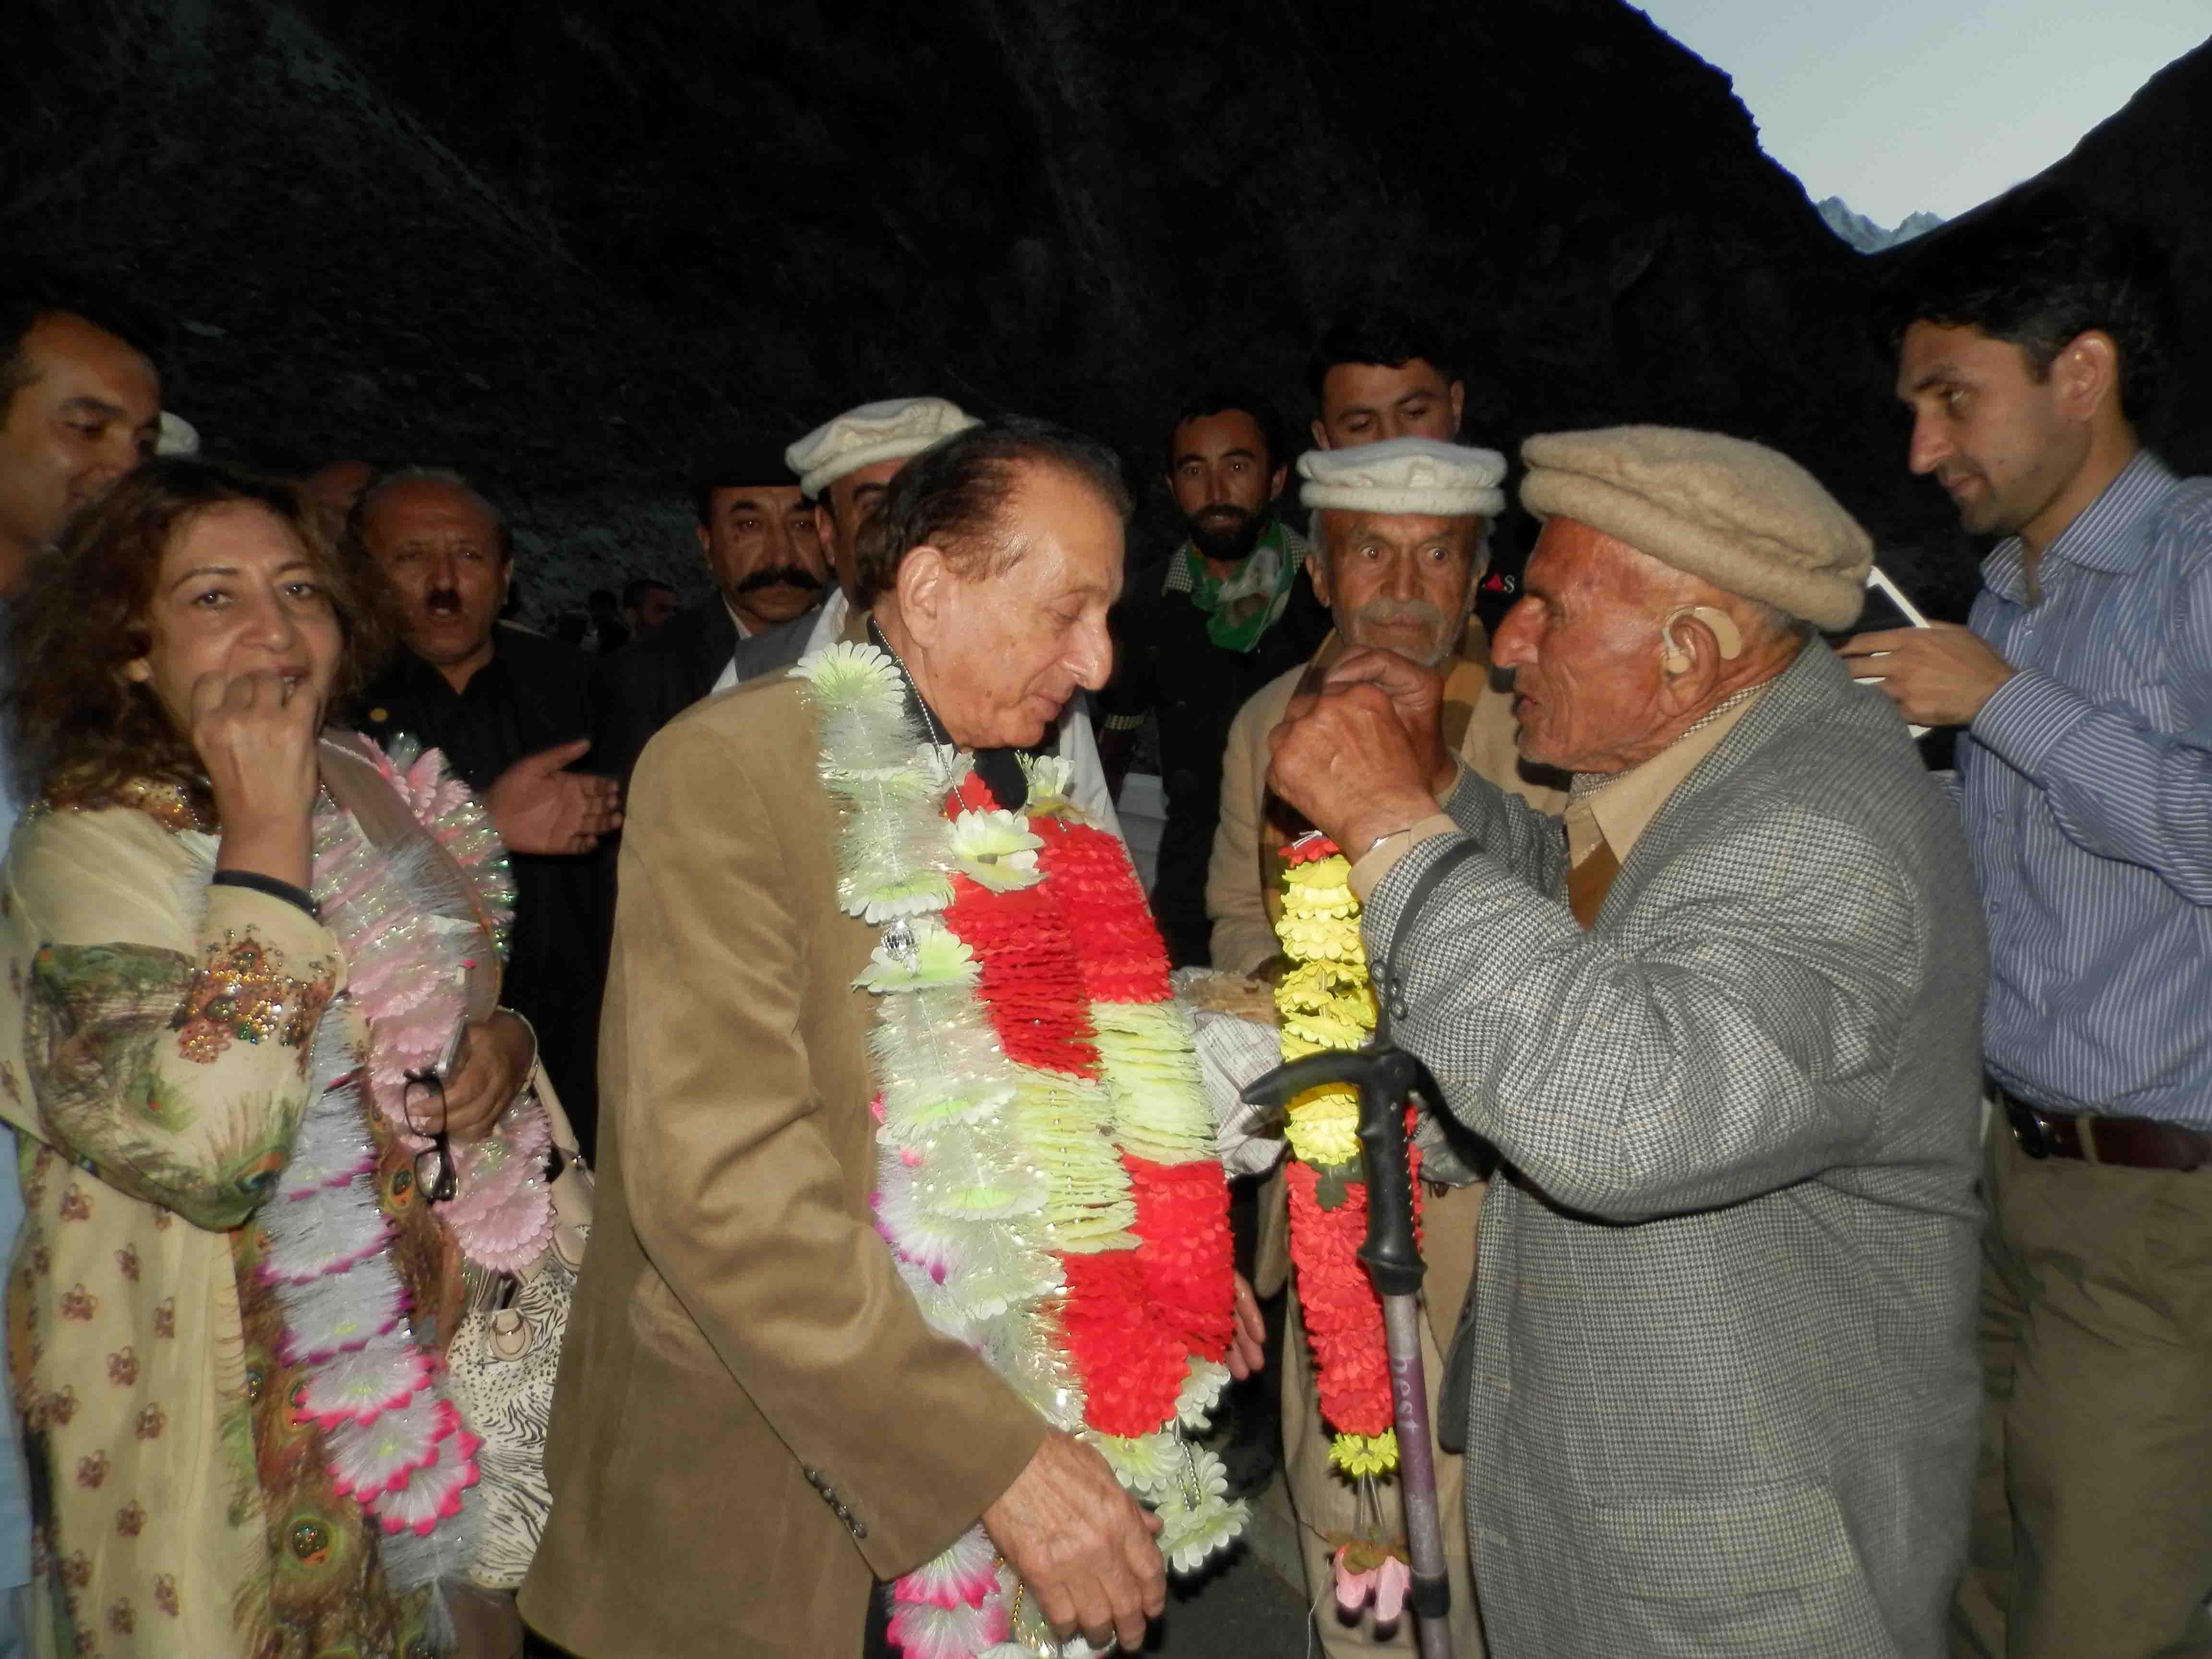 ضلع ہنزہ کے قیام کے اعلان کے بعد مسلم لیگ ن کے رہنما میر غفنفر علی خان کا ہنزہ میں شاندار استقبال